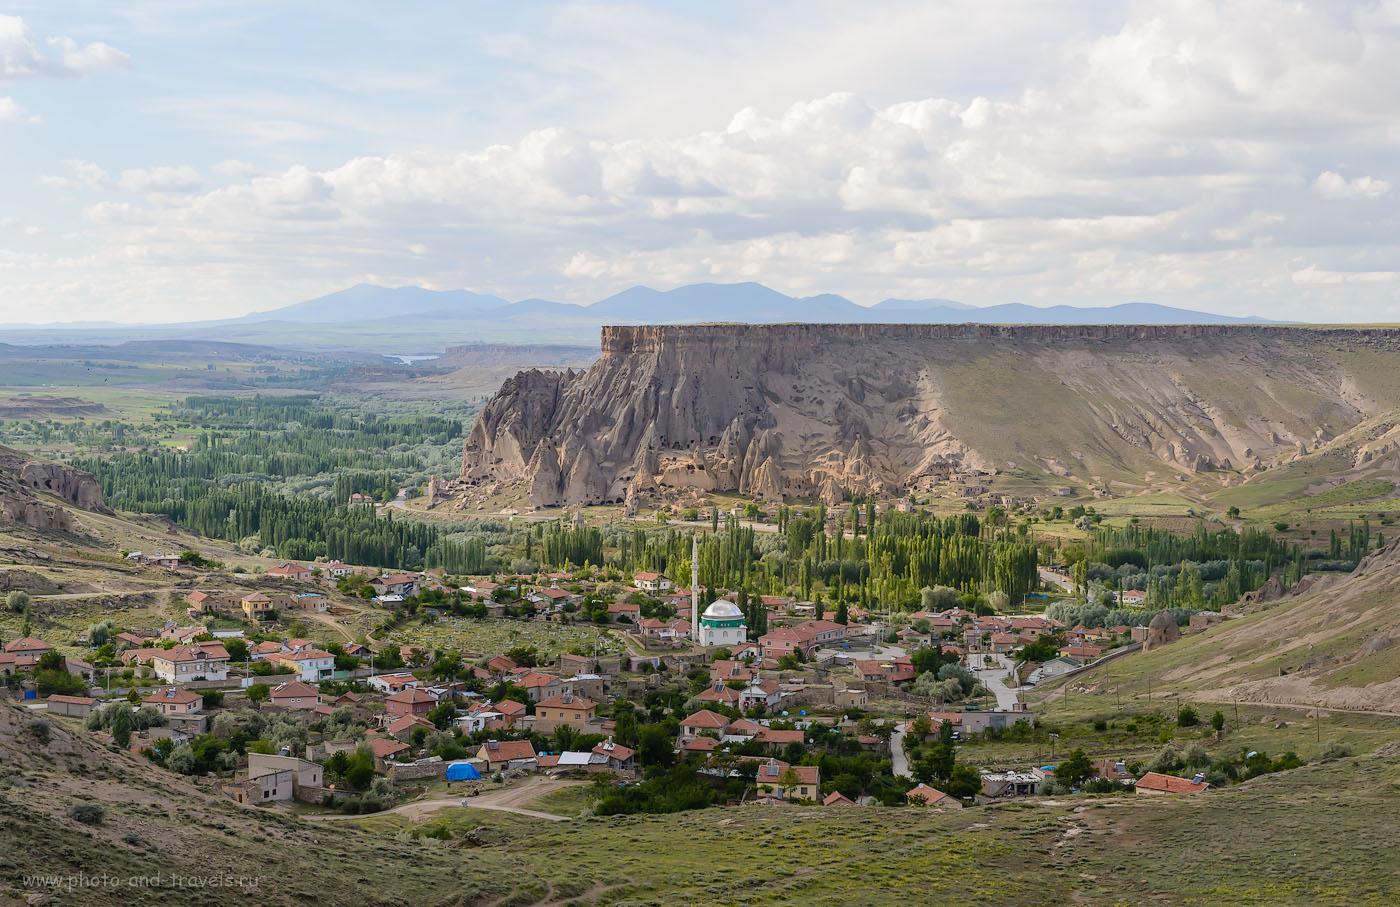 Фото 18. Деревня Selime Belediyesi – северная точка Долины Ихлара в Каппадокии. Отзывы туристов об отдыхе в Турции. 1/400, 8.0, 64, 58.